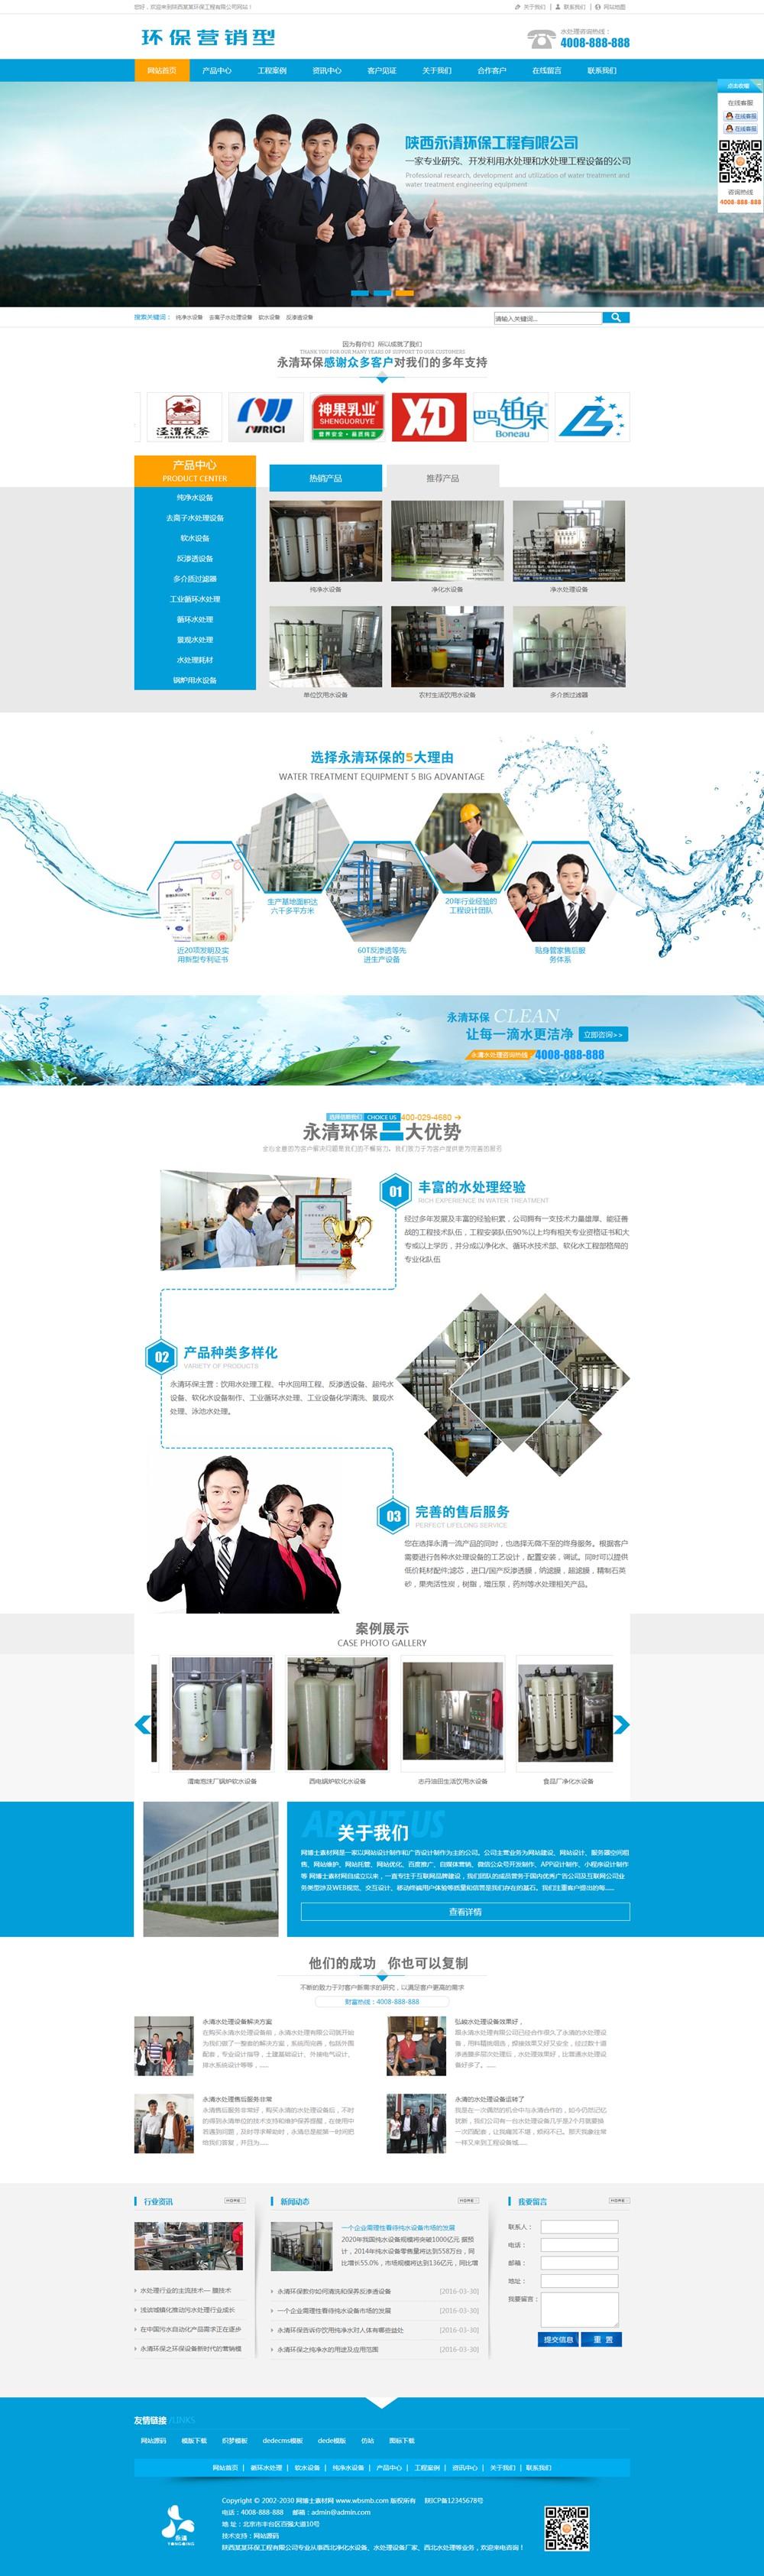 (带手机版数据同步)营销型水处理设备净化水设备网站织梦模板 环保净水器营销型